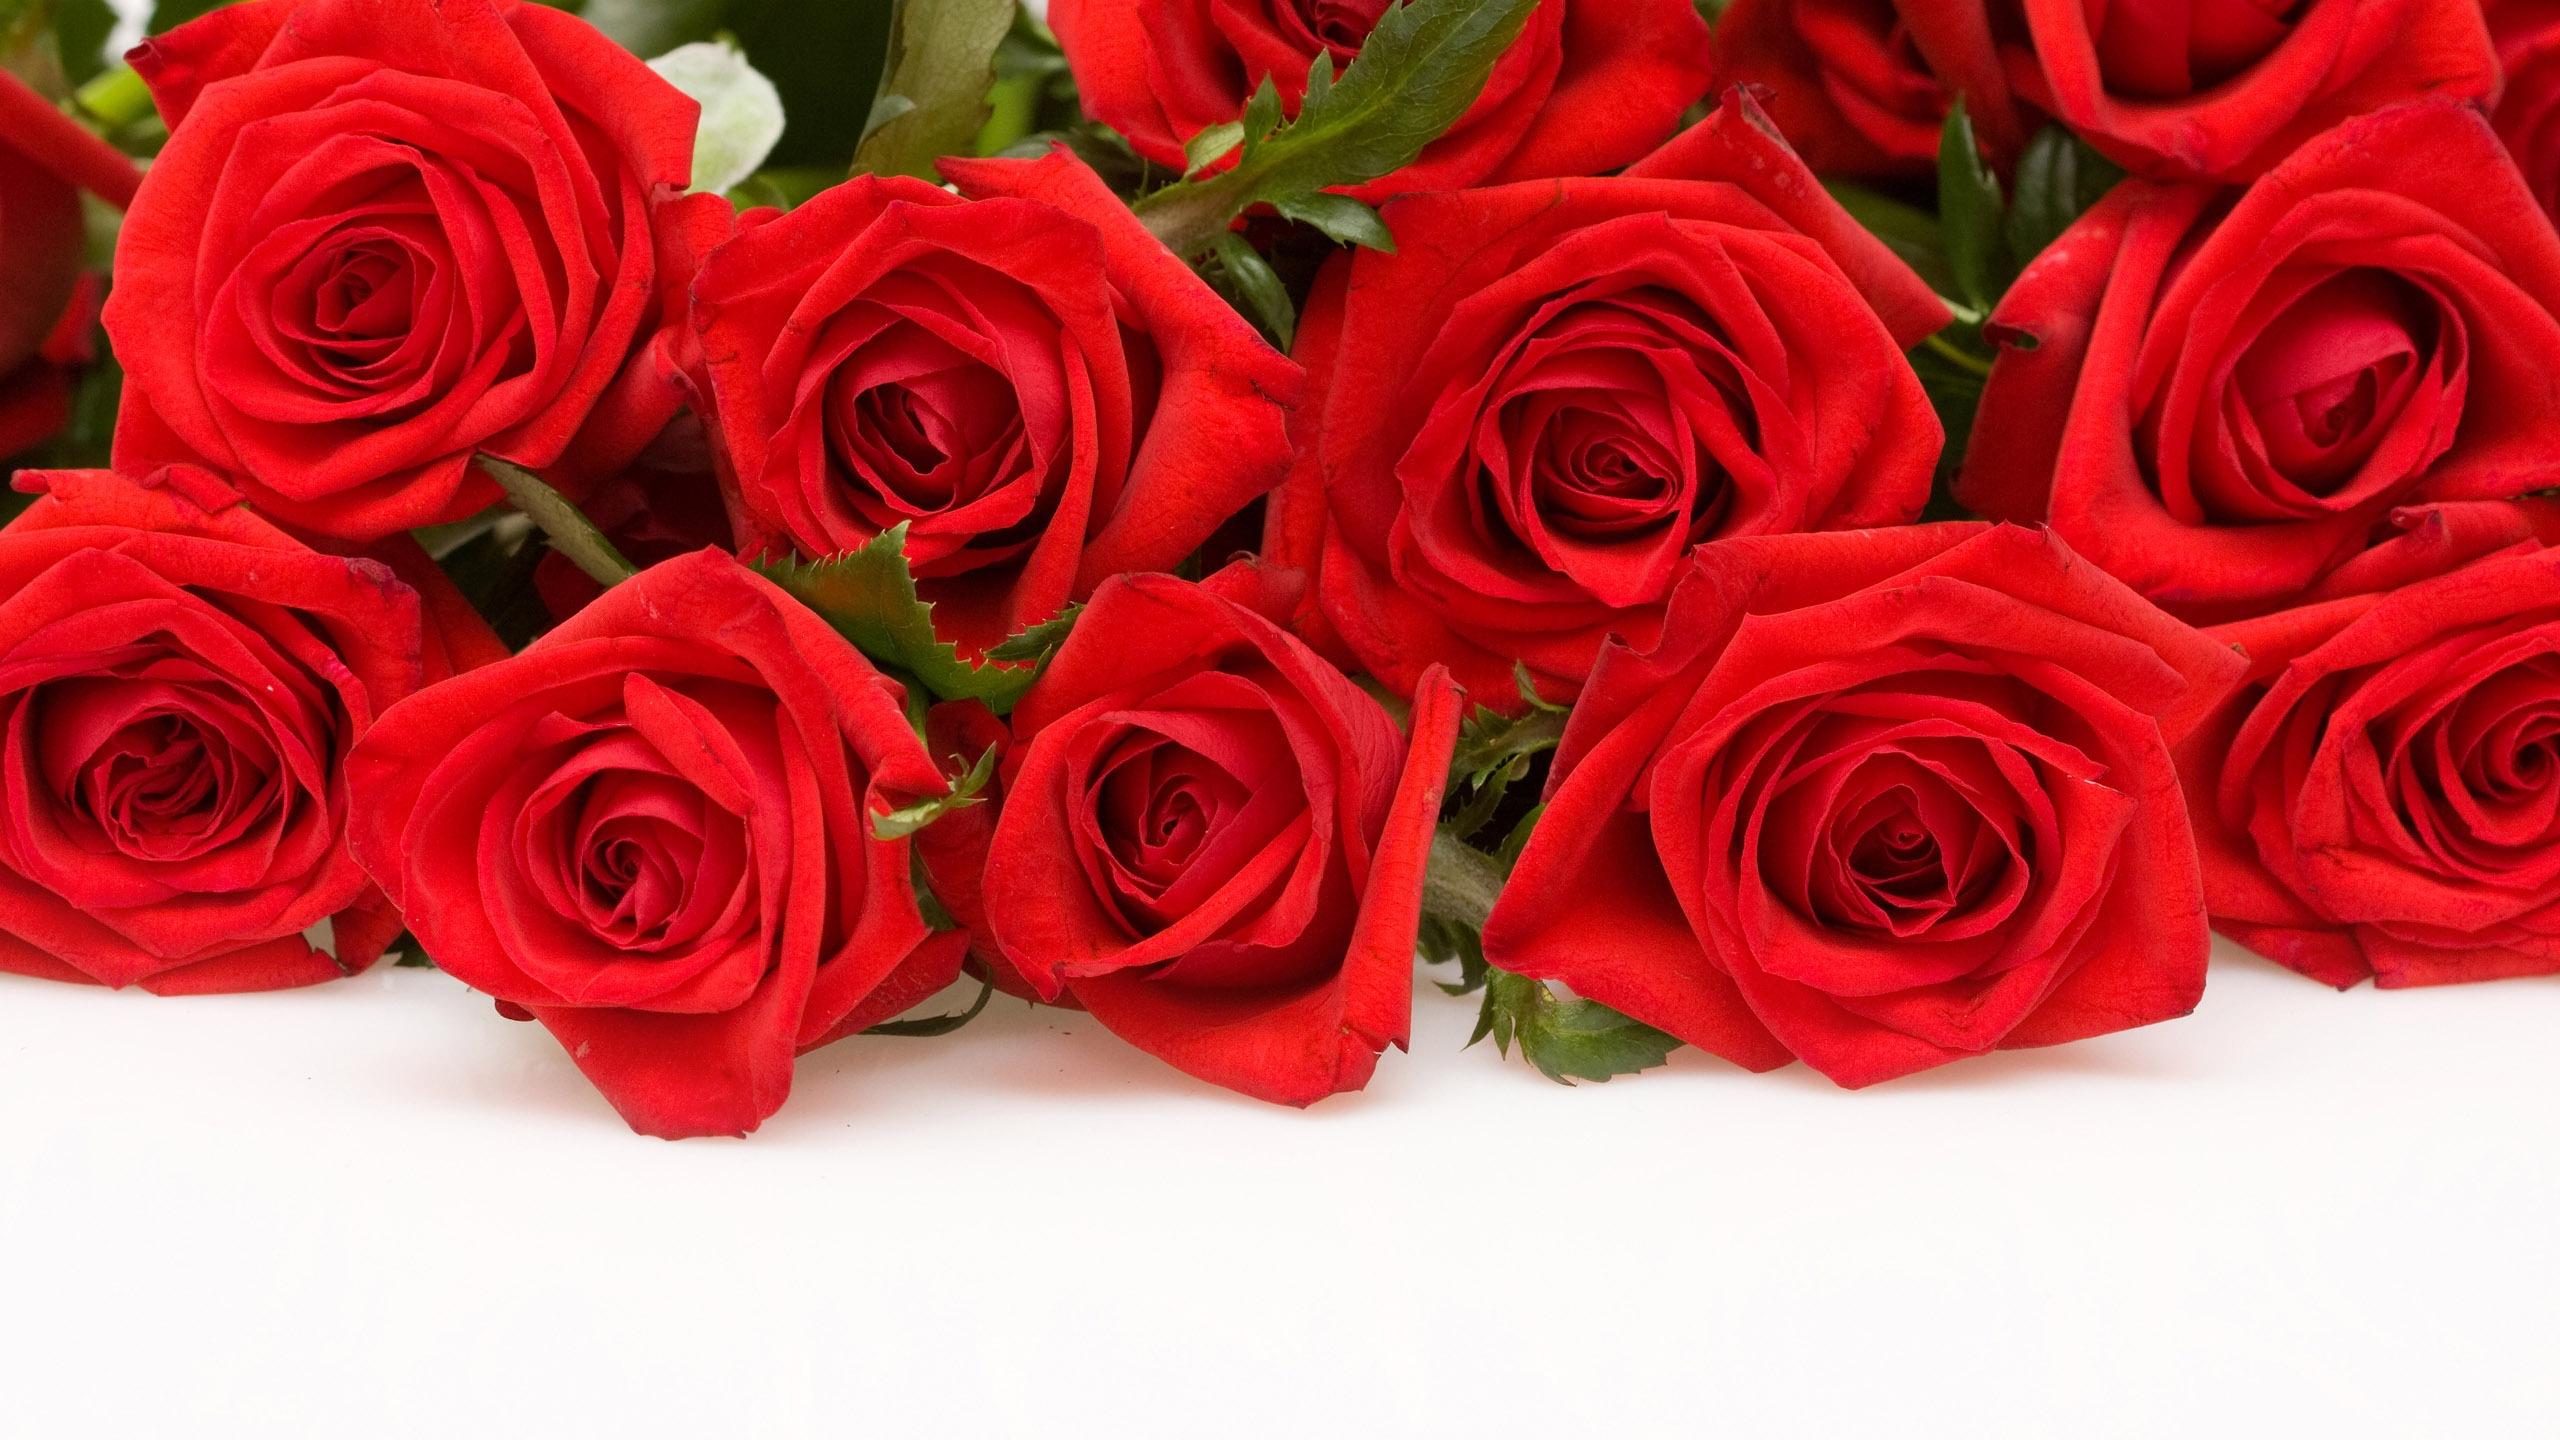 2560x1440 Red Roses desktop PC and Mac wallpaper 2560x1440